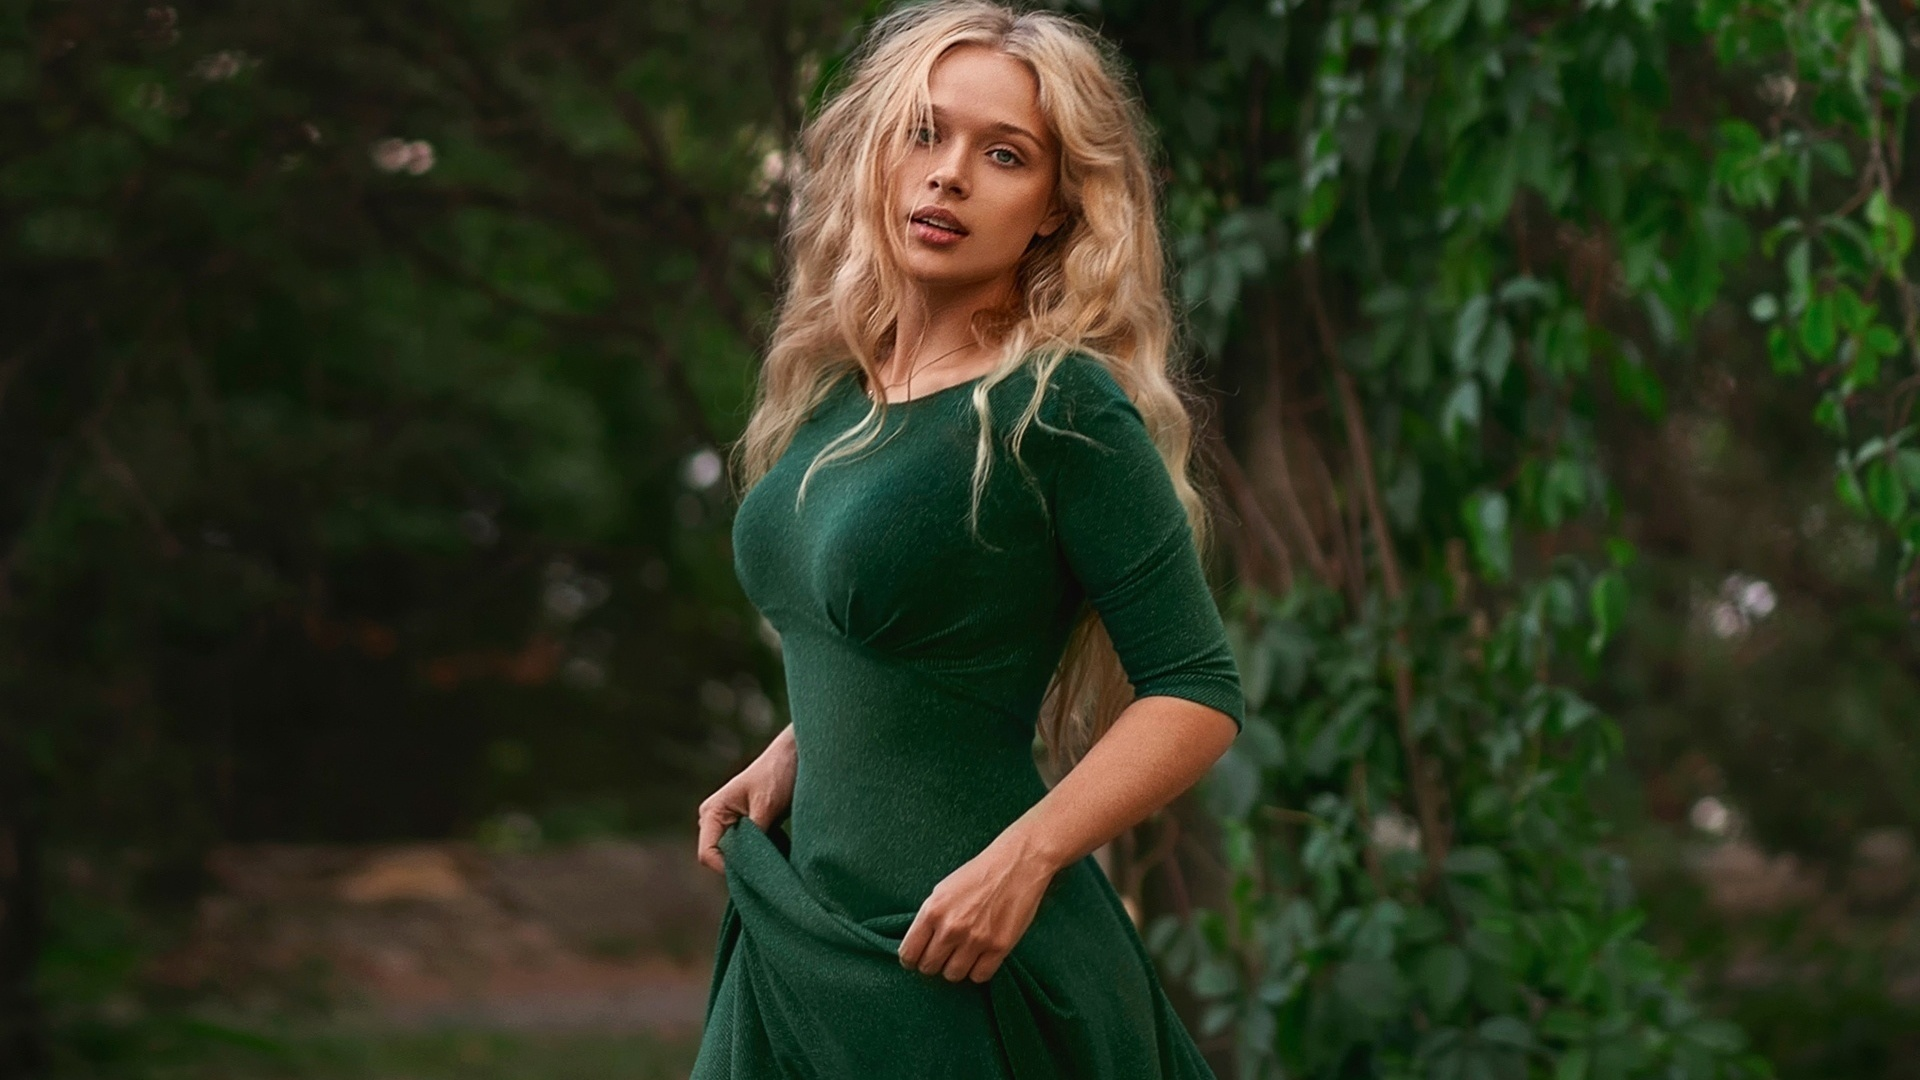 Рыжая девушка в зеленом платье 1 фотография